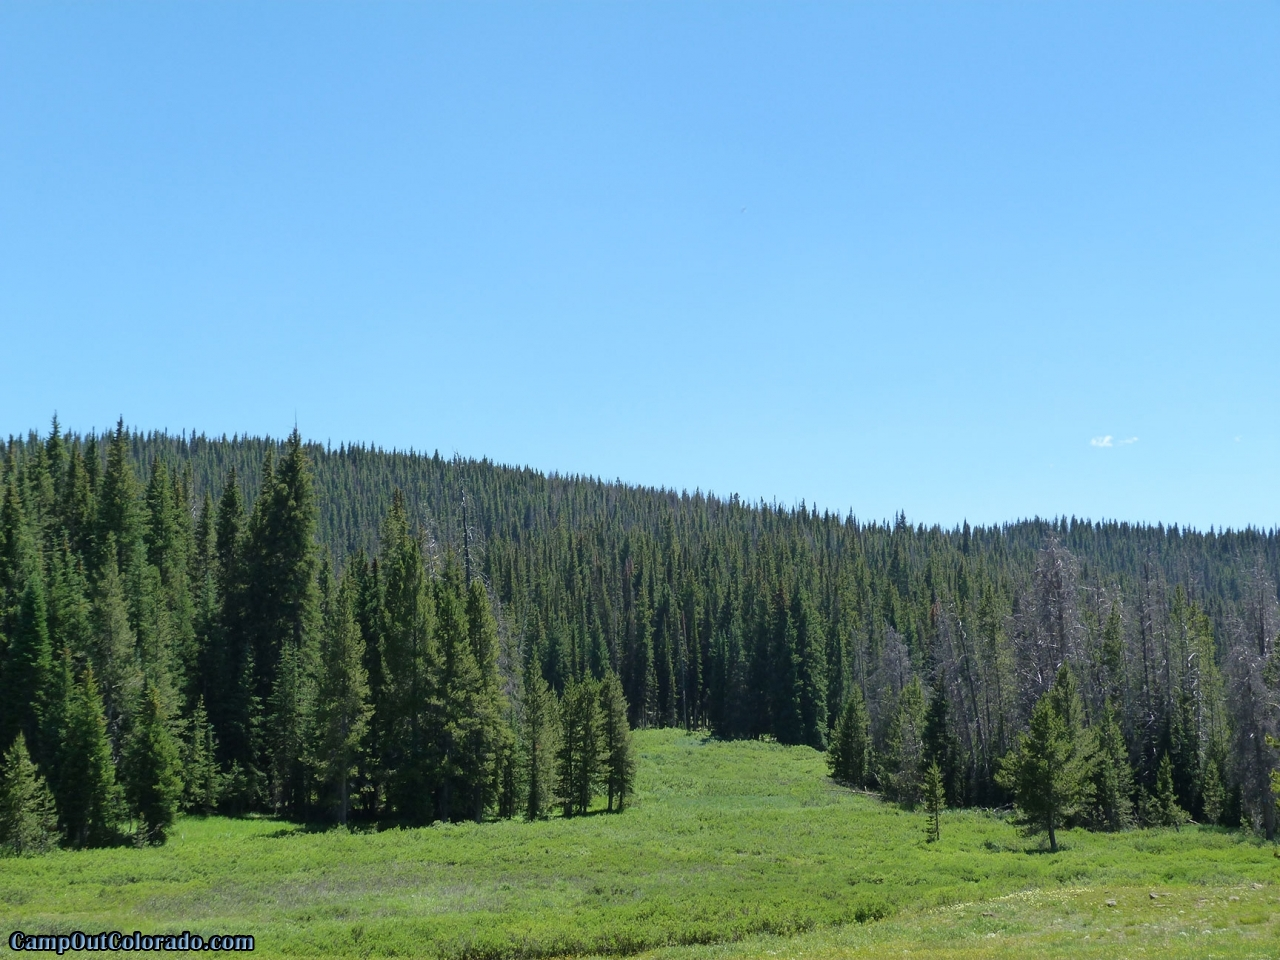 campoutcolorado-meadows-campground-rabbit-ears-view